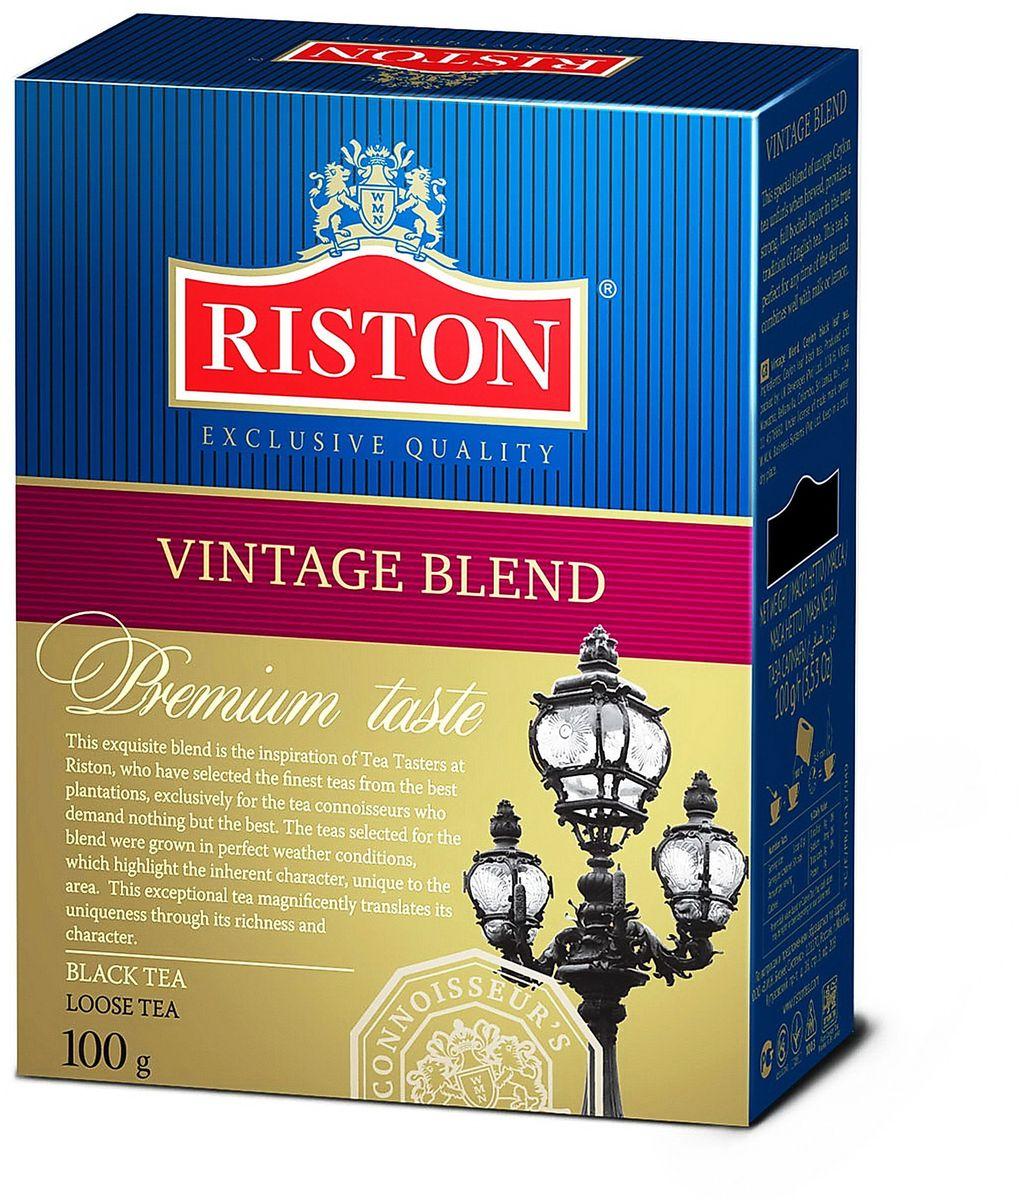 Riston Винтэйдж Бленд черный листовой чай, 100 г teacher карельский чай цветочно травяной купаж 500 г